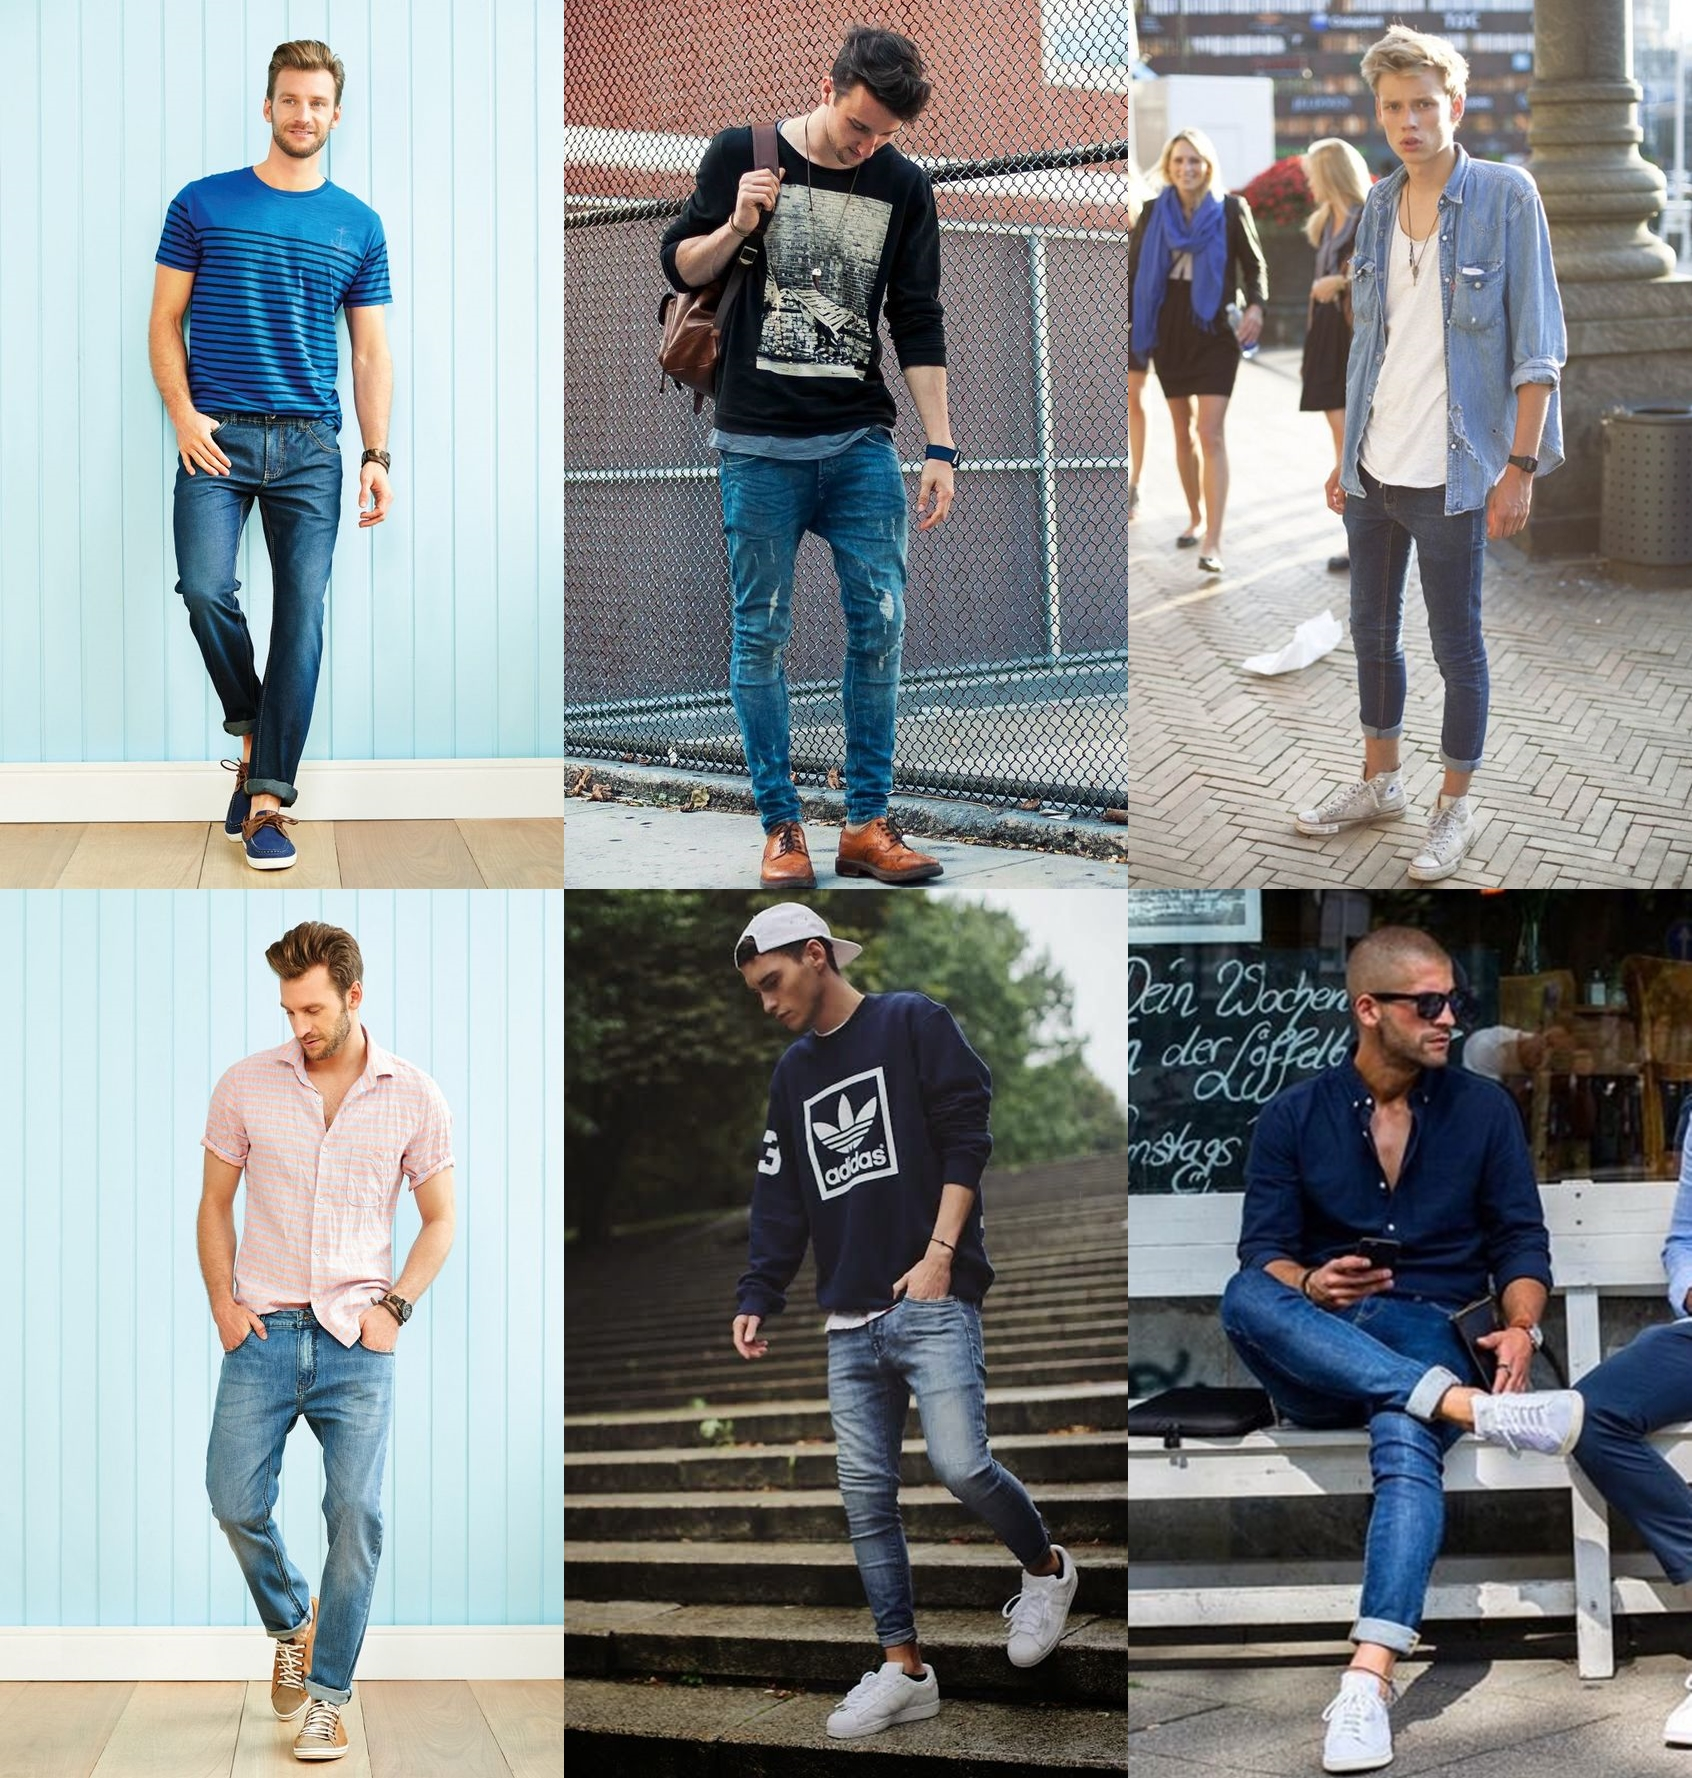 calça de sarja masculina, calça chino masculina, calça jeans masculina, alex cursino, moda sem censura, dicas de moda, como usar, como vestir, como combinar, digital influencer